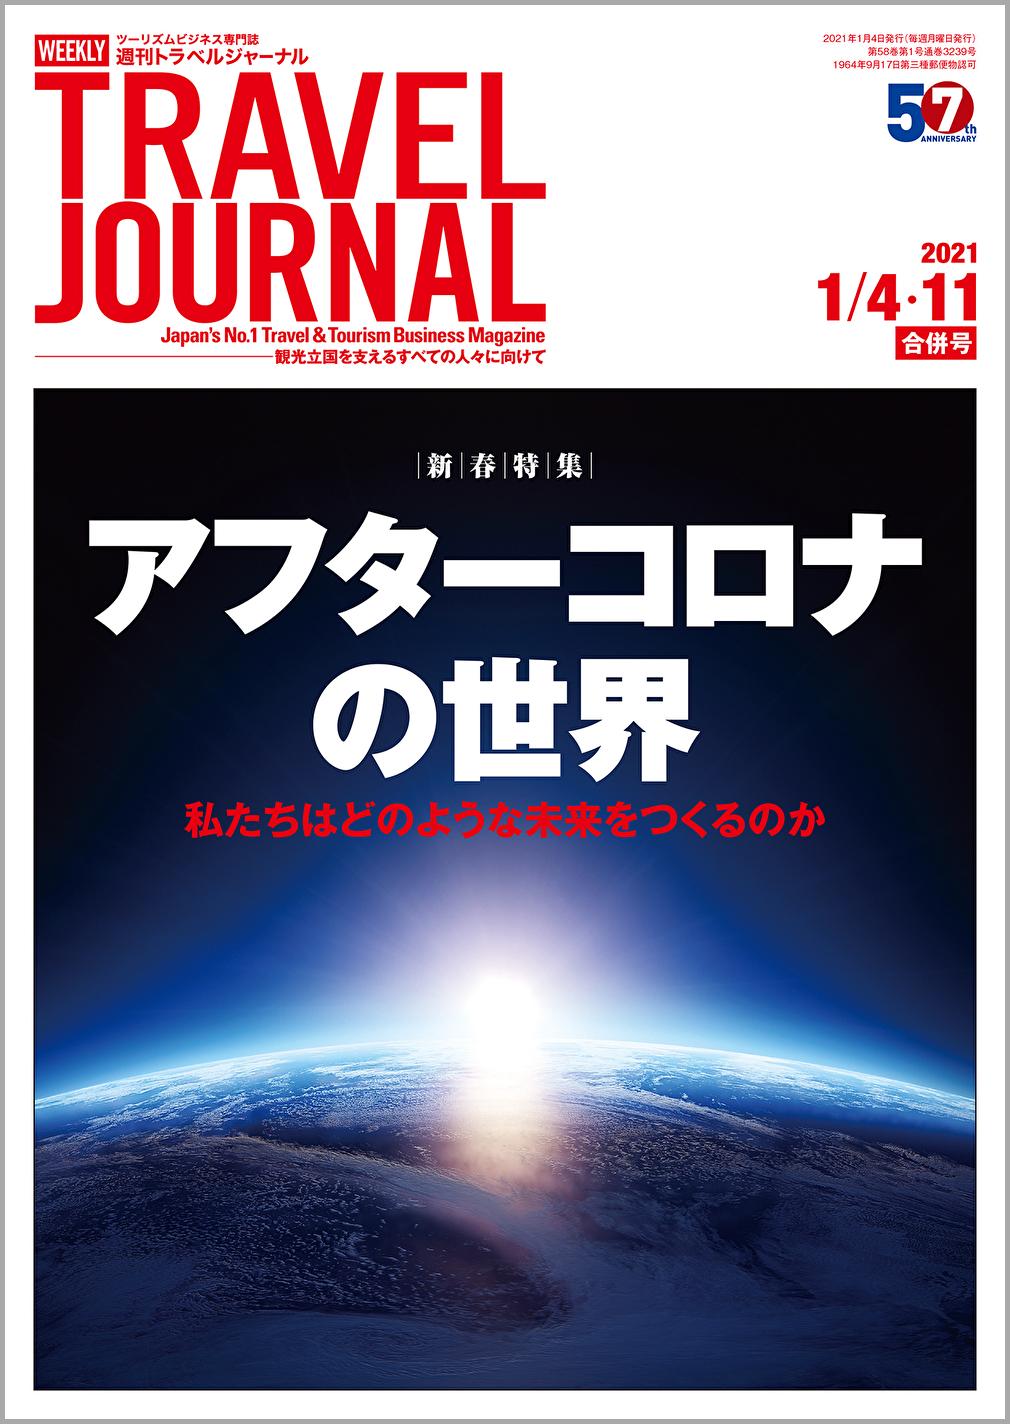 2021年1月4・11日号>アフターコロナの世界 私たちはどのような未来をつくるのか